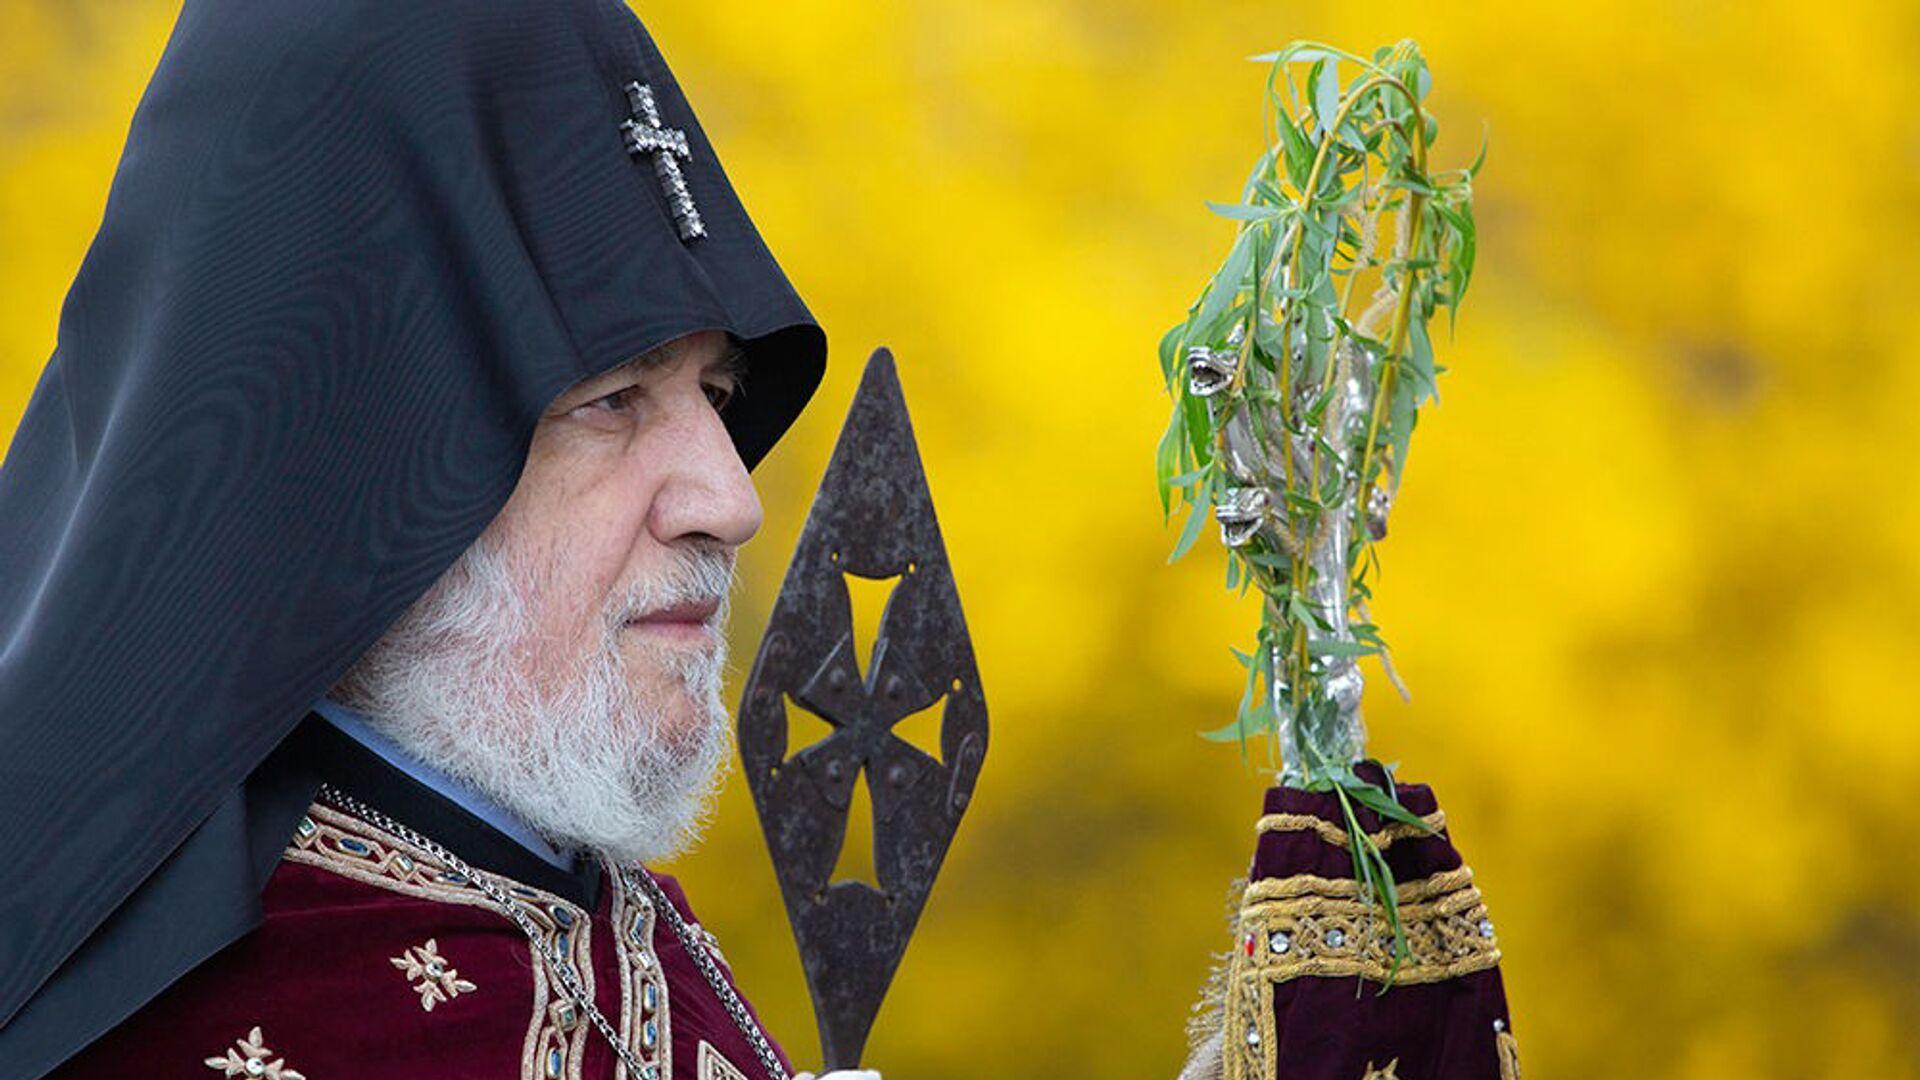 Католикос Гарегин II со святым Гегардом в руке проводит церемонию праздника Цахказард в Святом Первопрестольном Эчмиадзине (5 апреля 2020). Вагаршапат - Sputnik Արմենիա, 1920, 21.08.2021